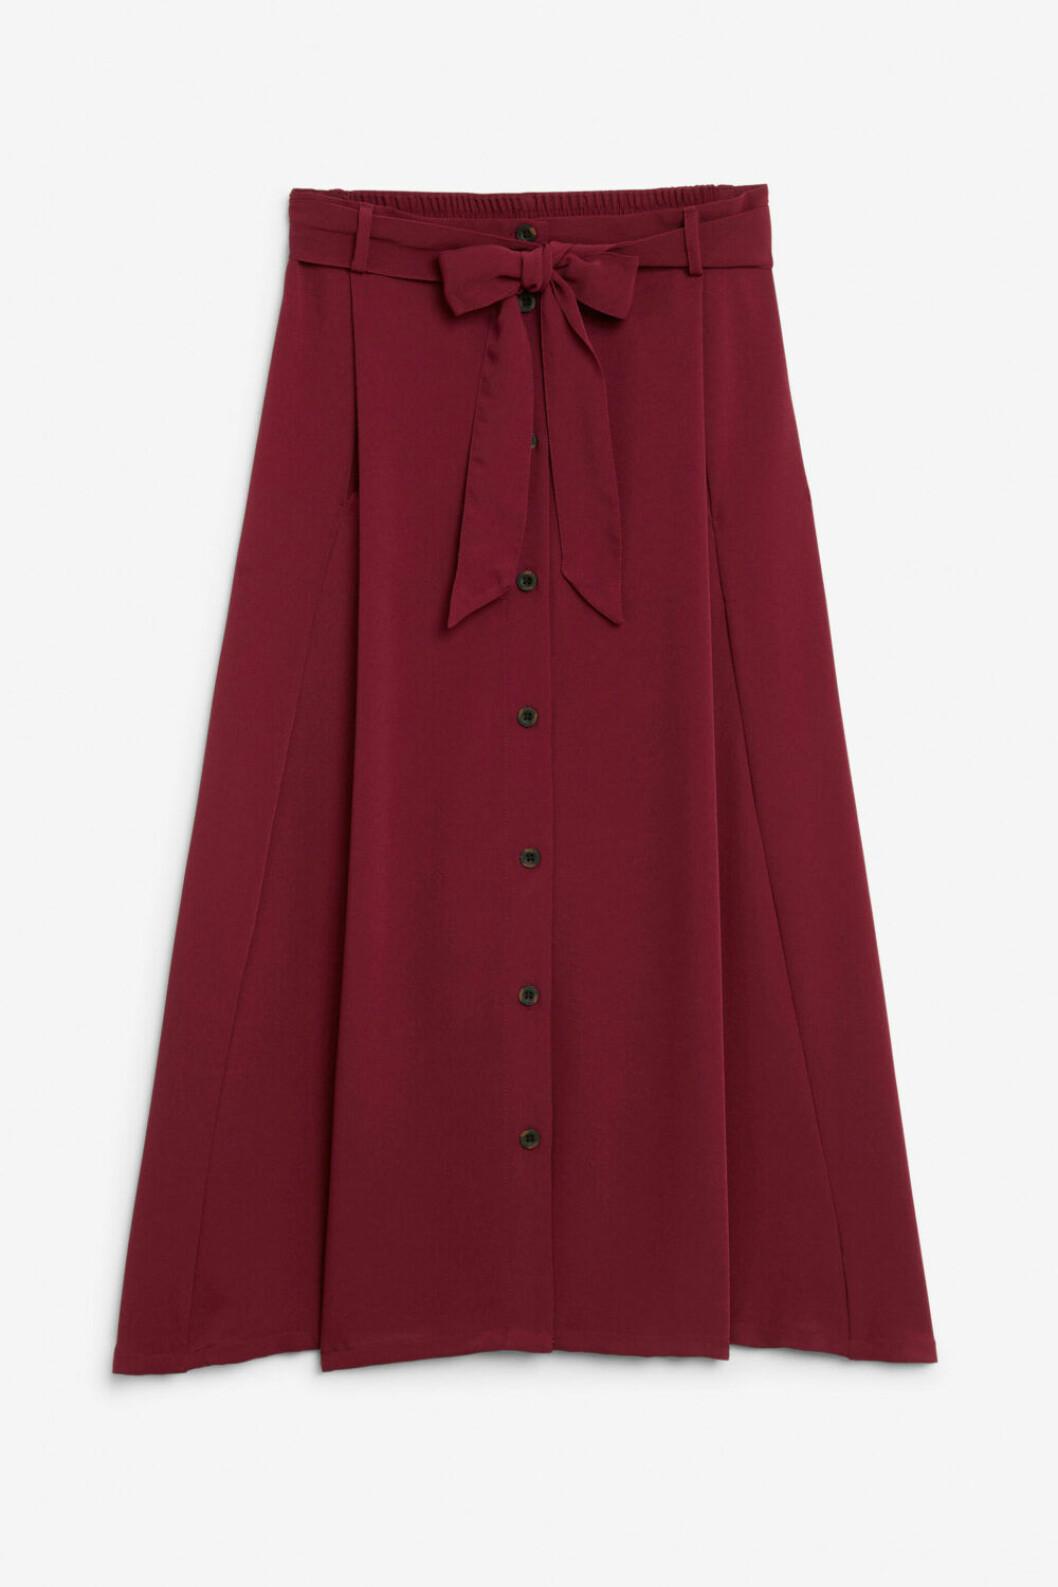 Medellång kjol i Burgundy